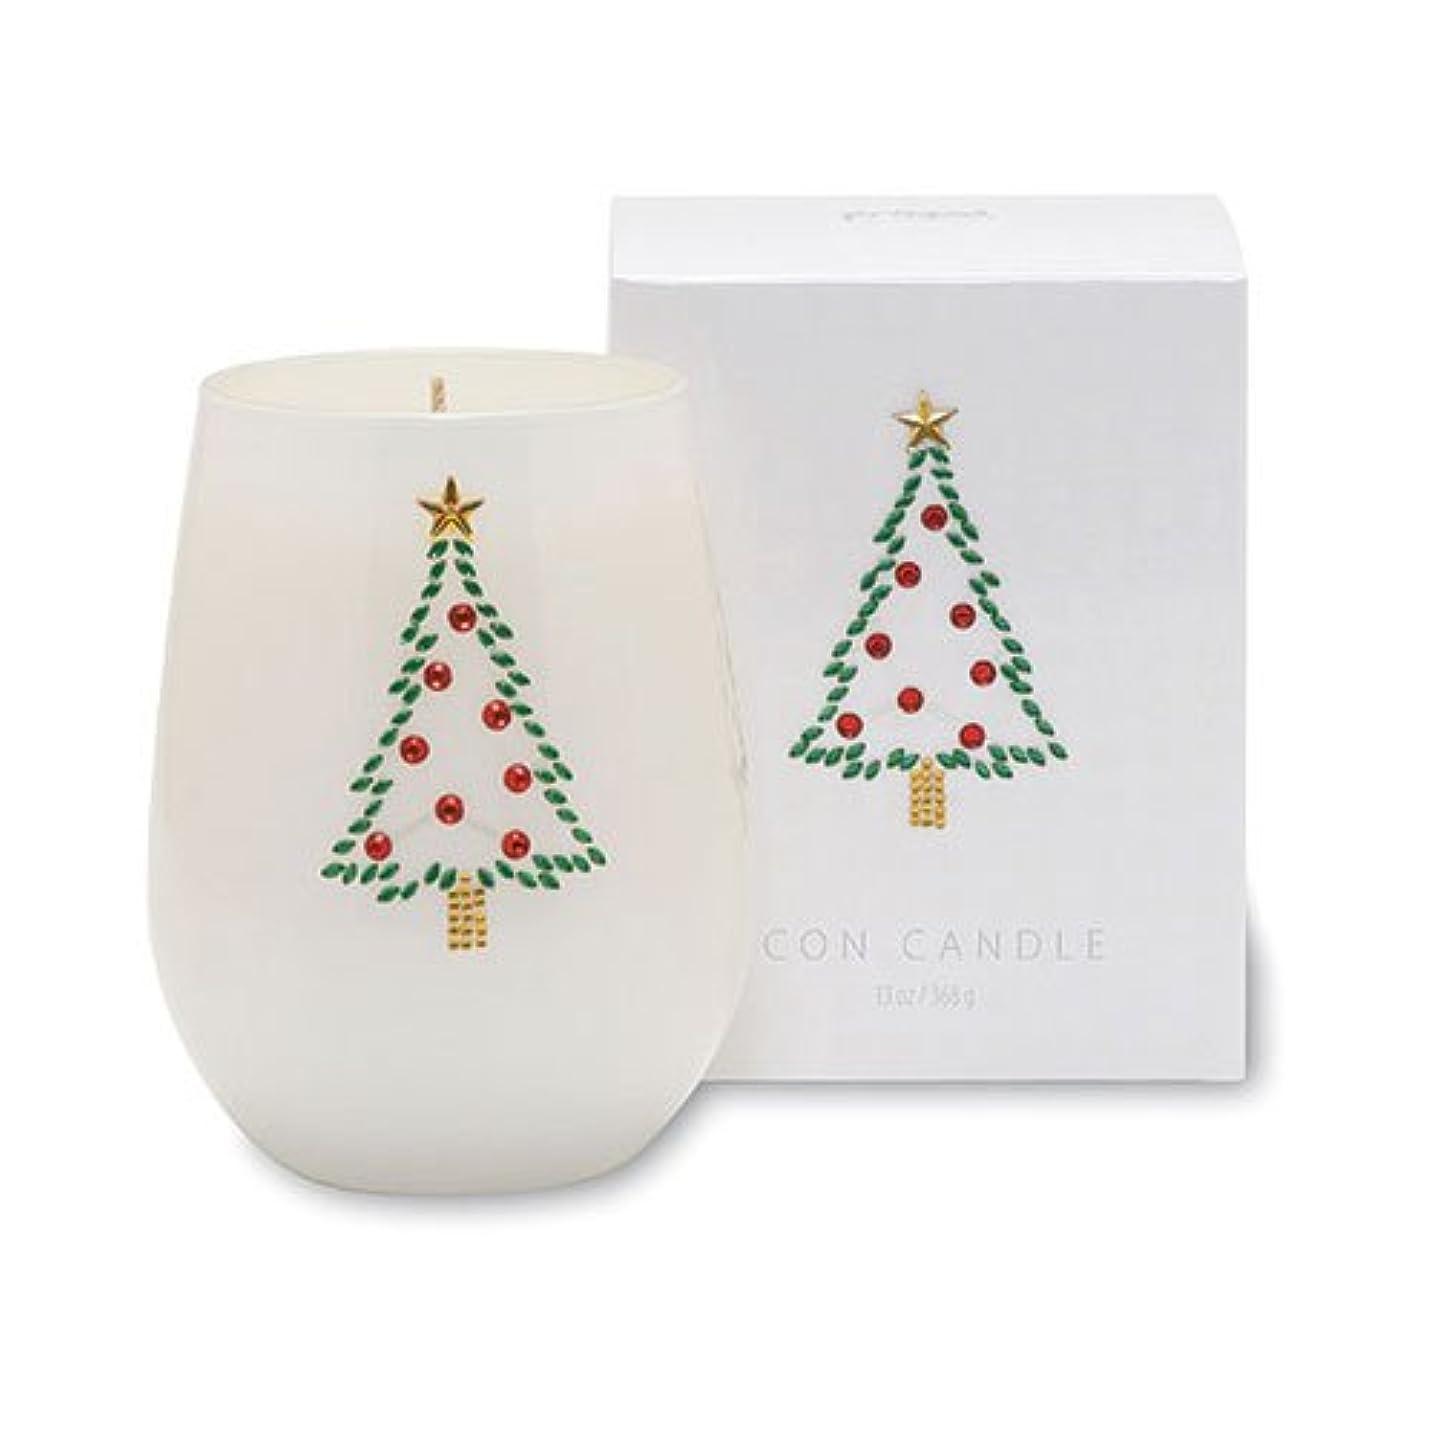 空虚リム重要な役割を果たす、中心的な手段となるクリスマスアイコンキャンドル/クリスマスツリー オレンジピールとドライフルーツの香り キャンドル